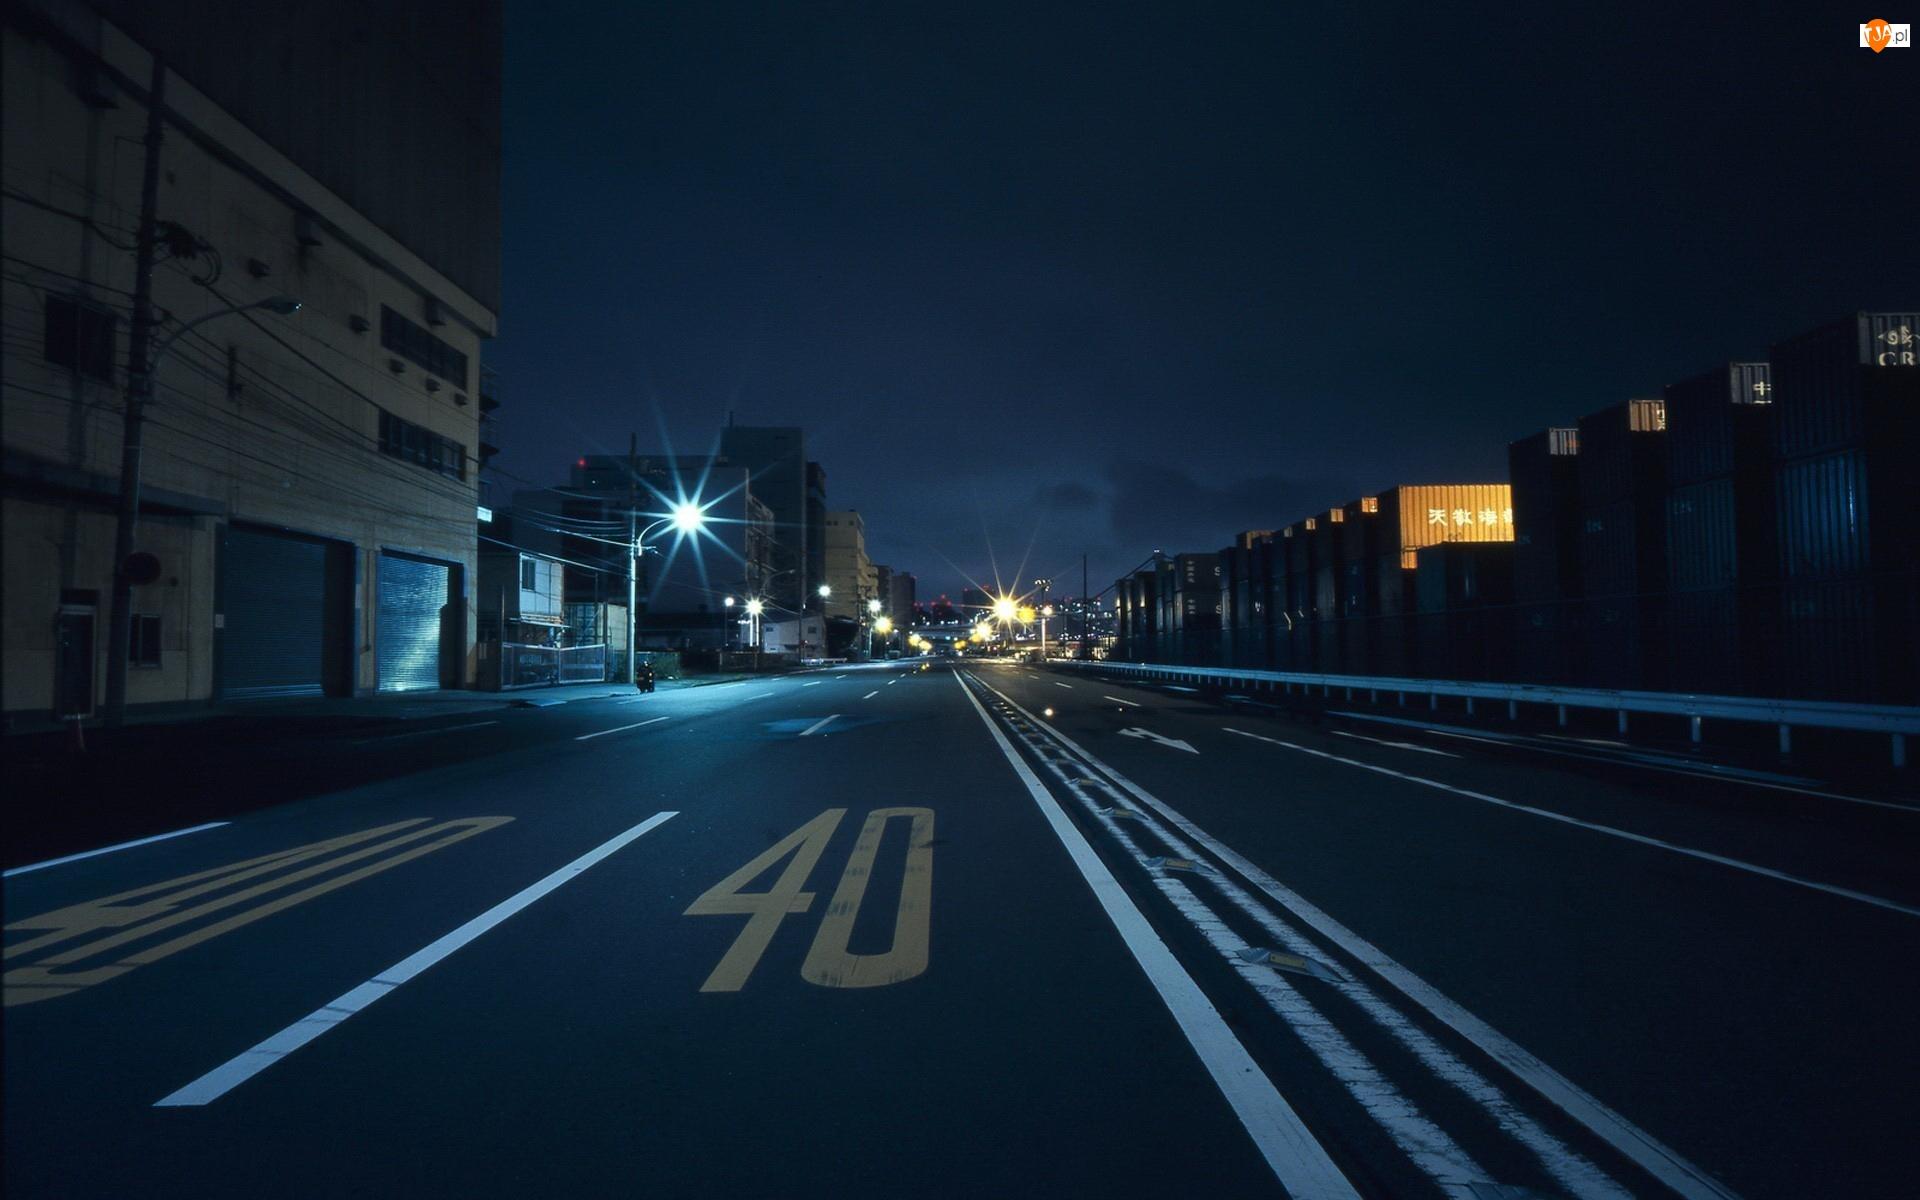 Noc, Ulica, Budynki